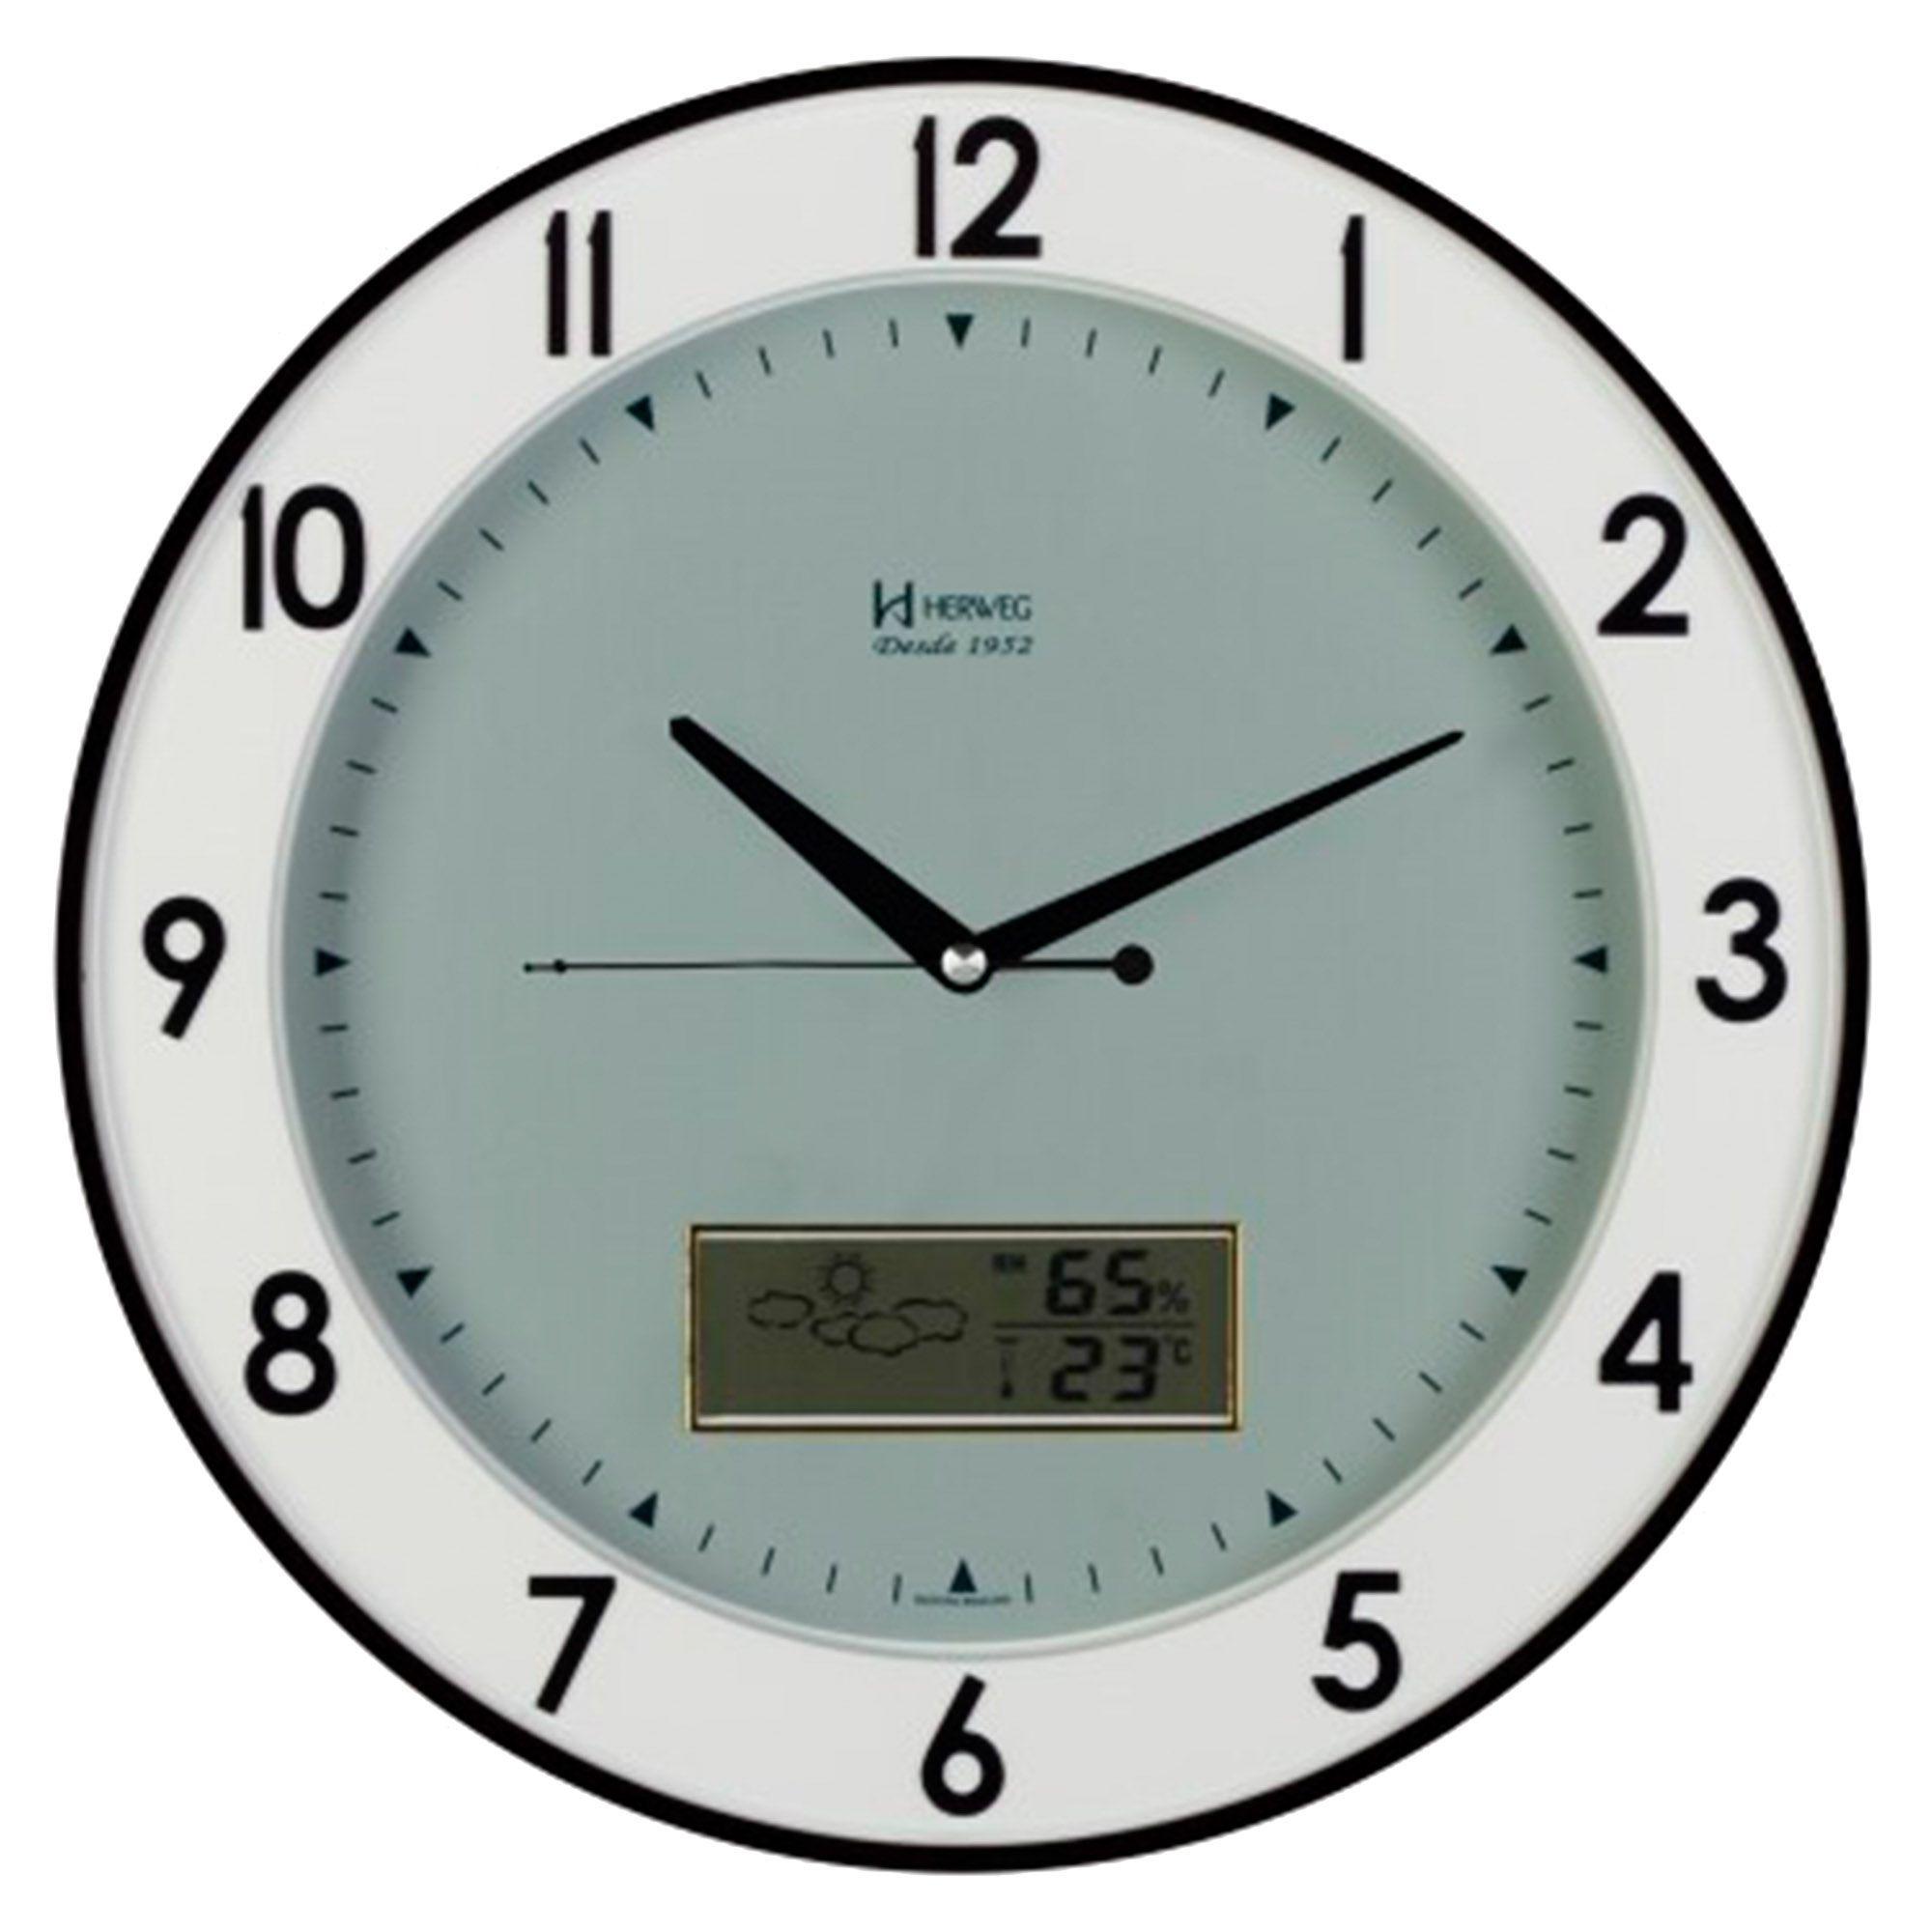 Relógio de Parede Anadigi Herweg 6805 034 Preto